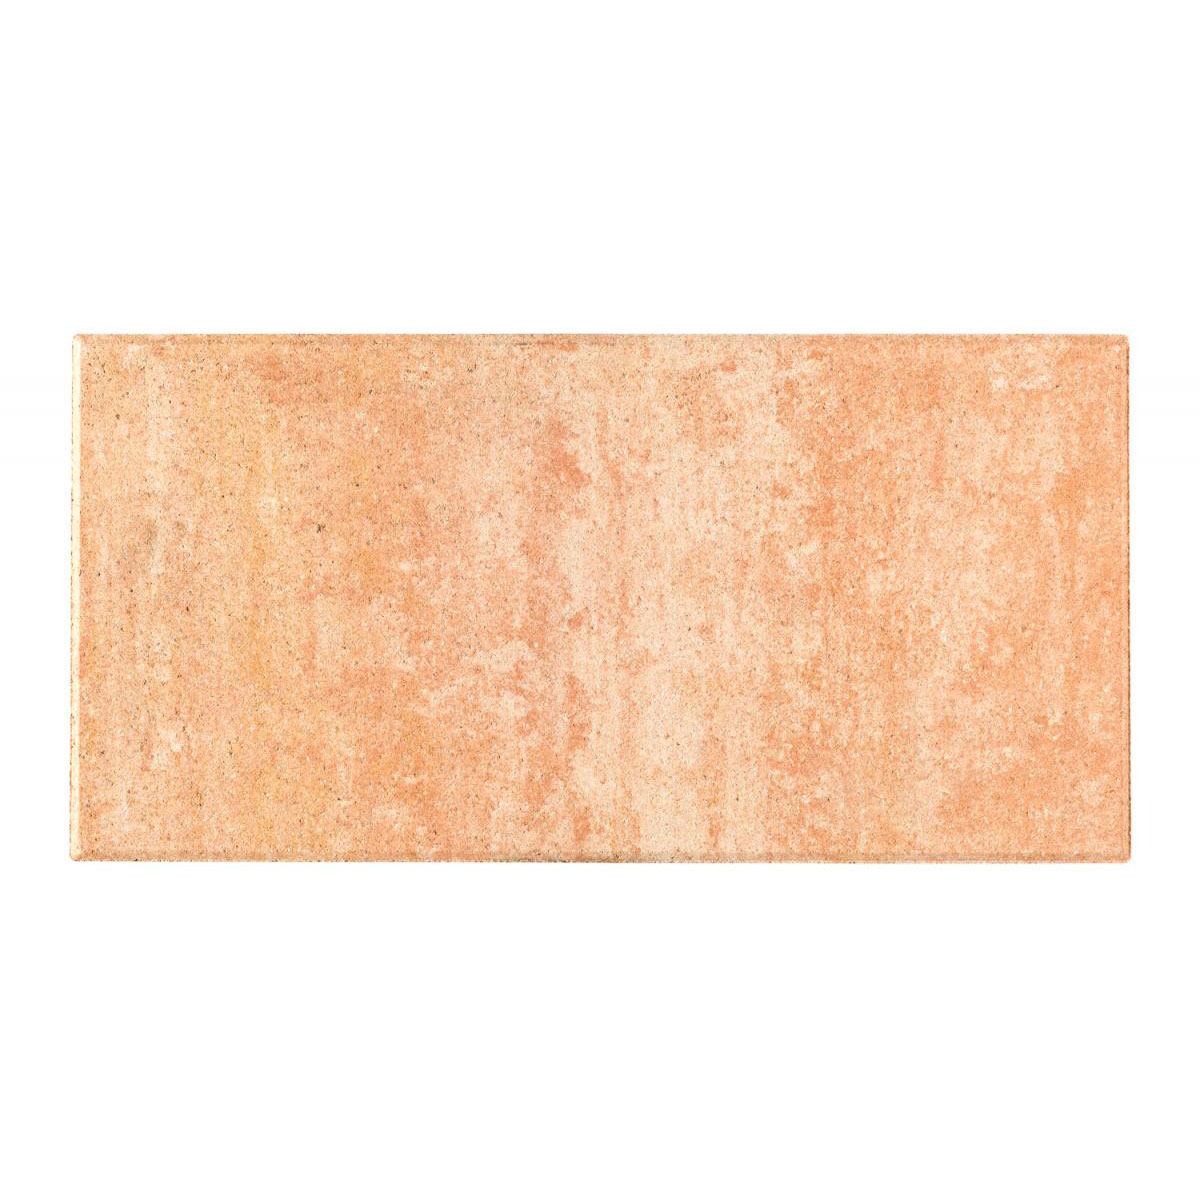 """Diephaus Terrassenplatte """"No. 1 Nature"""", 60x30x4 cm, Sandstein"""